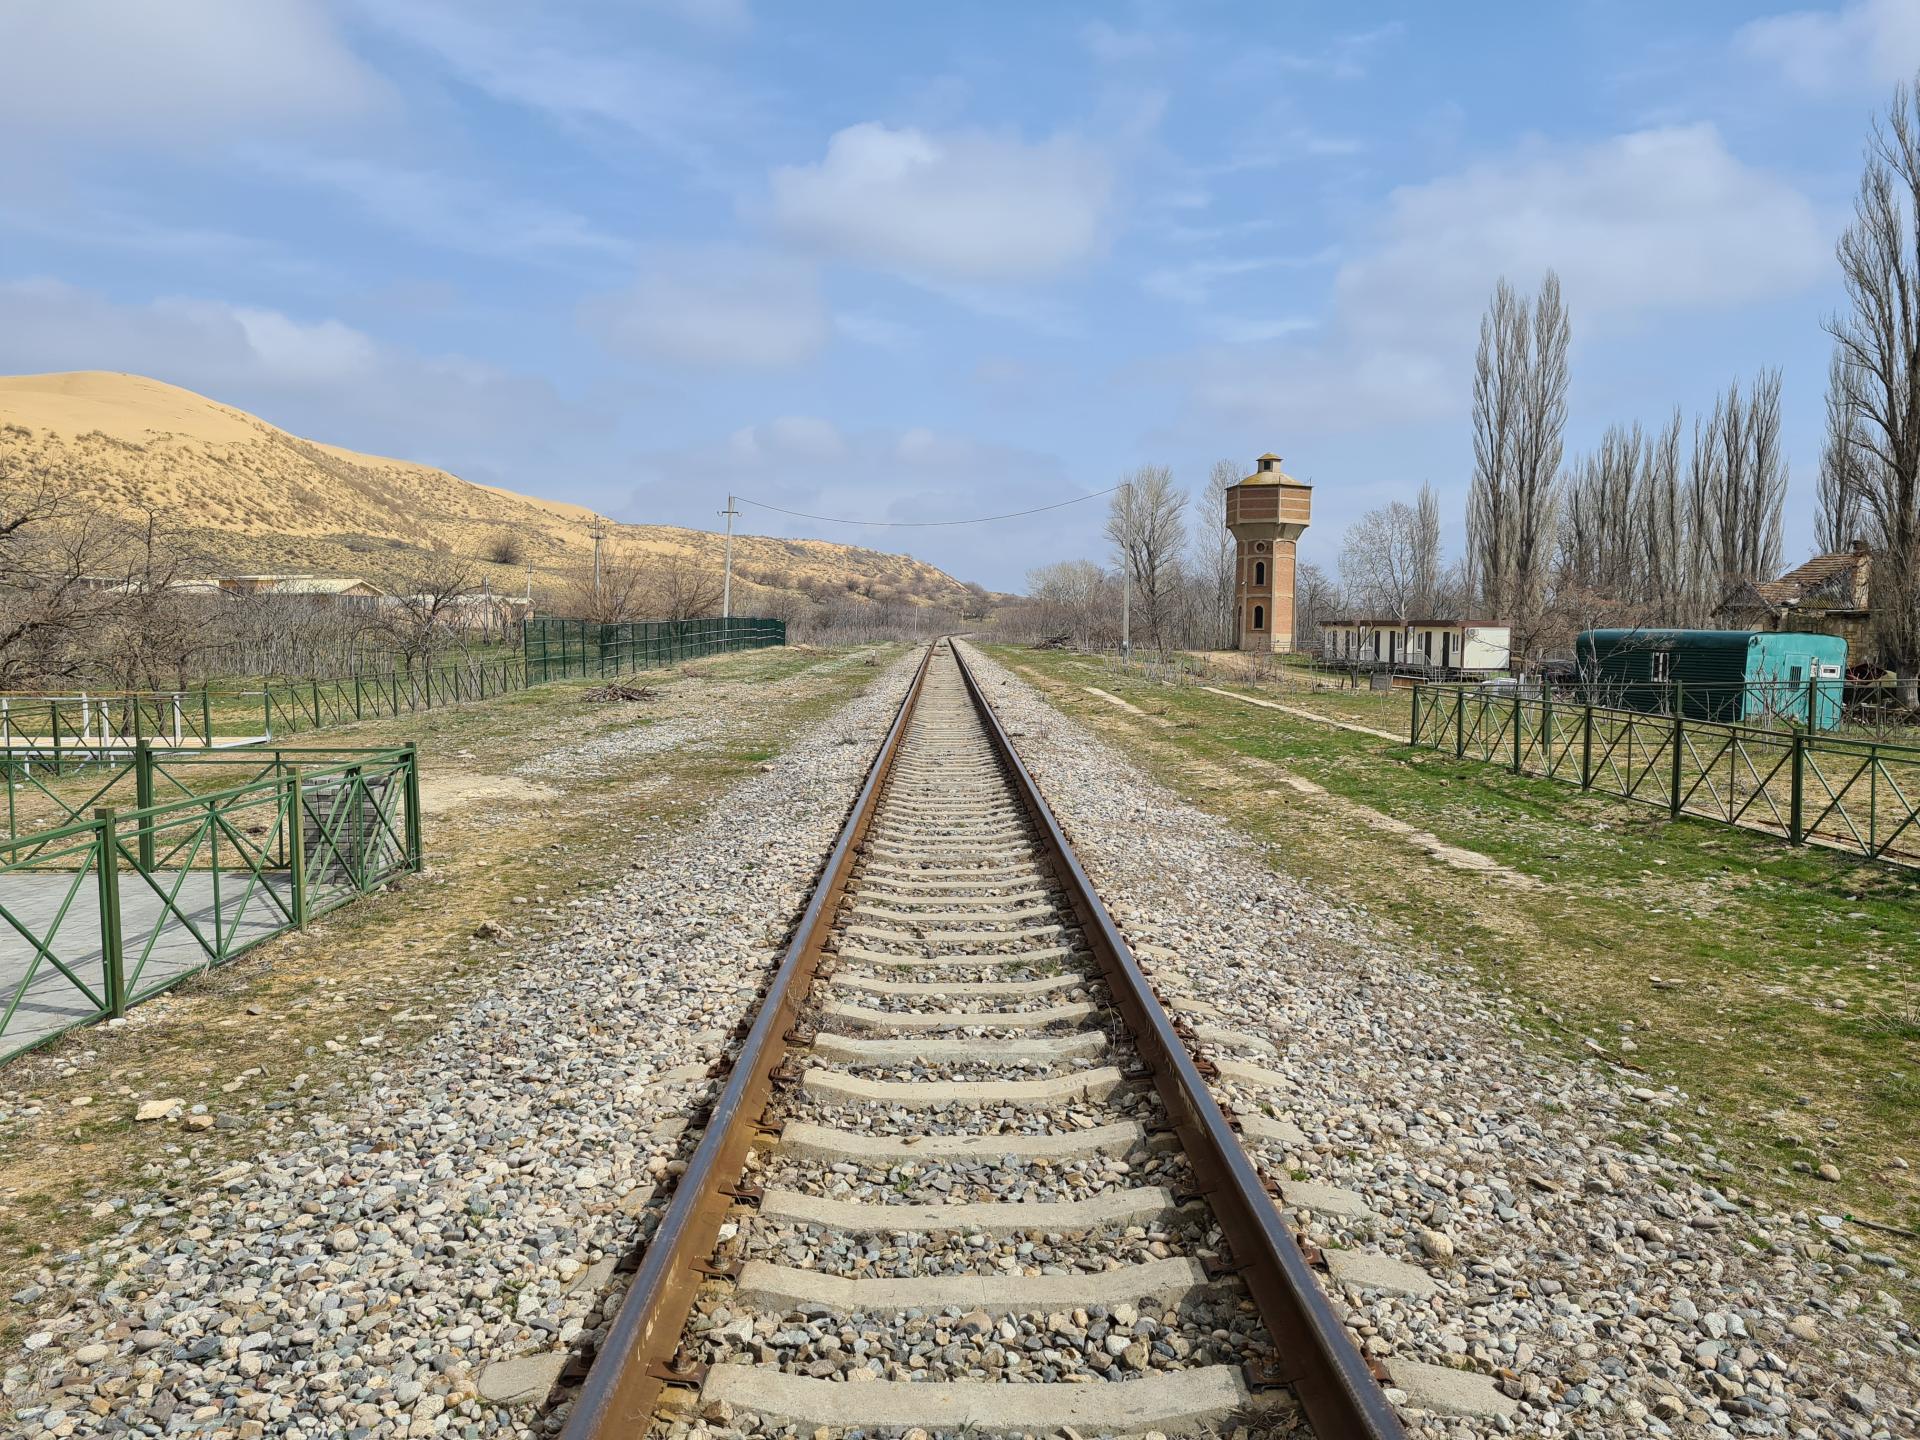 железная дорога у бархана Сарыкум